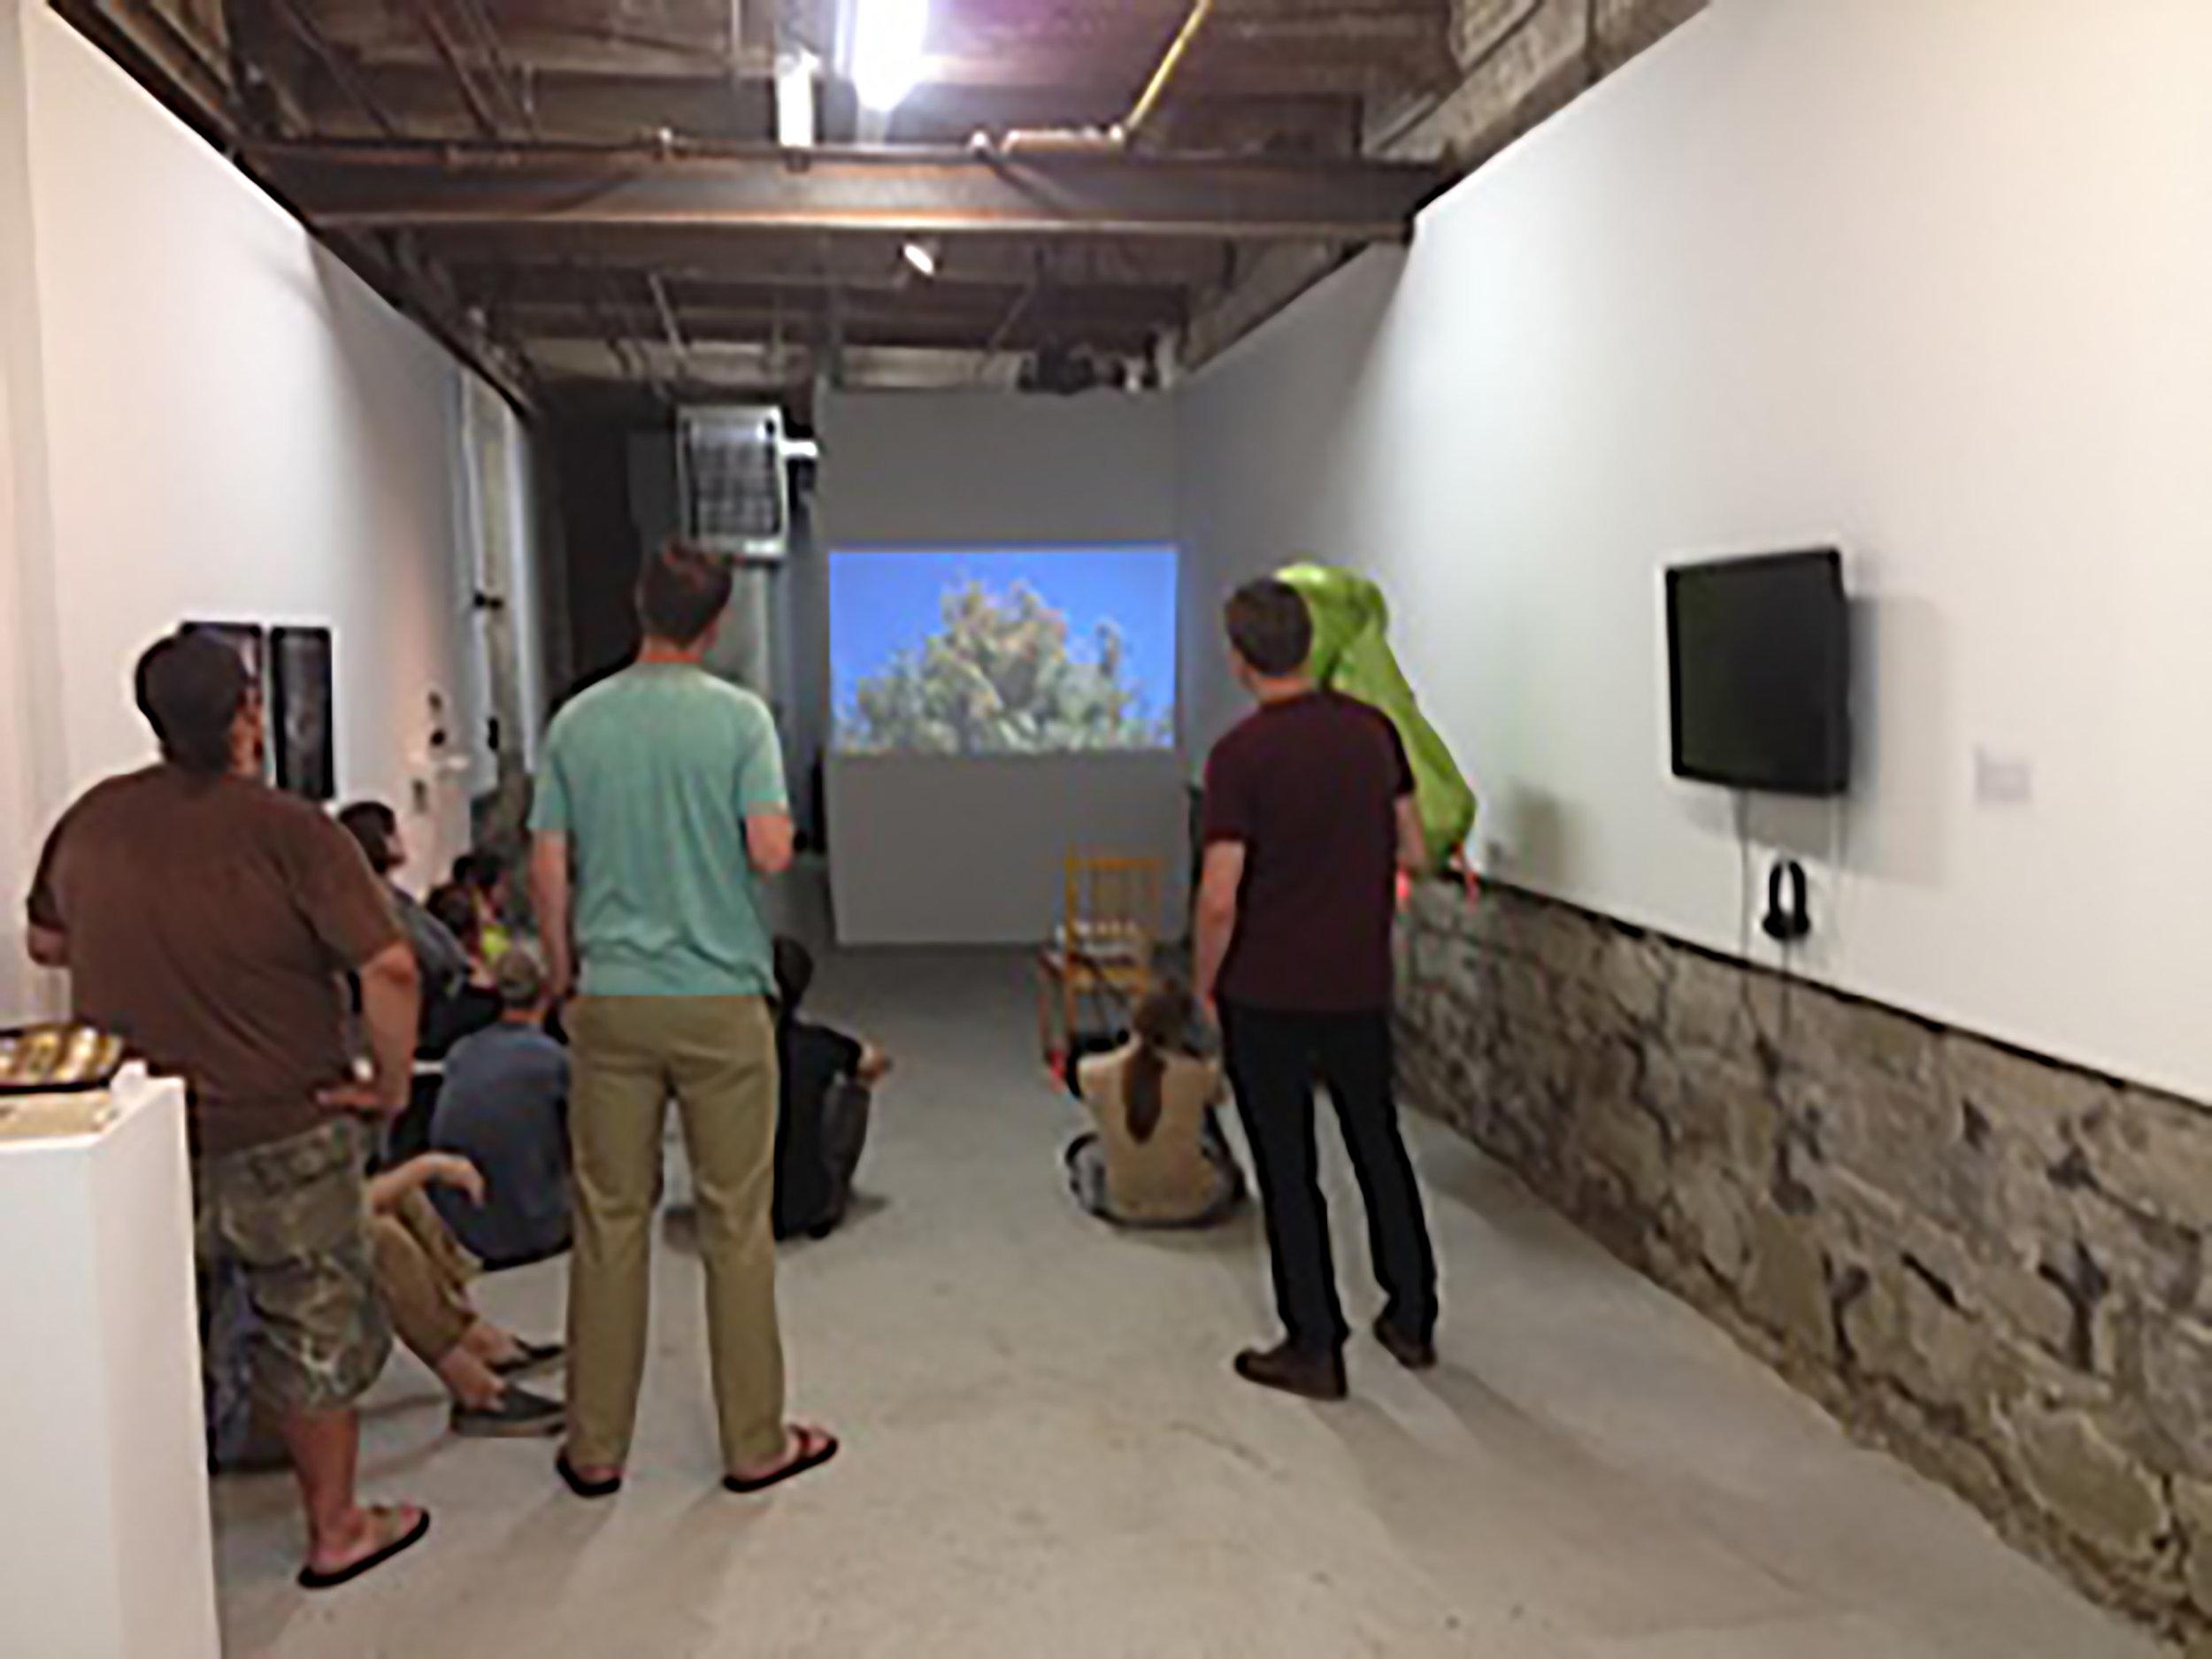 AV SHOW Indoor shot of viewers.jpg